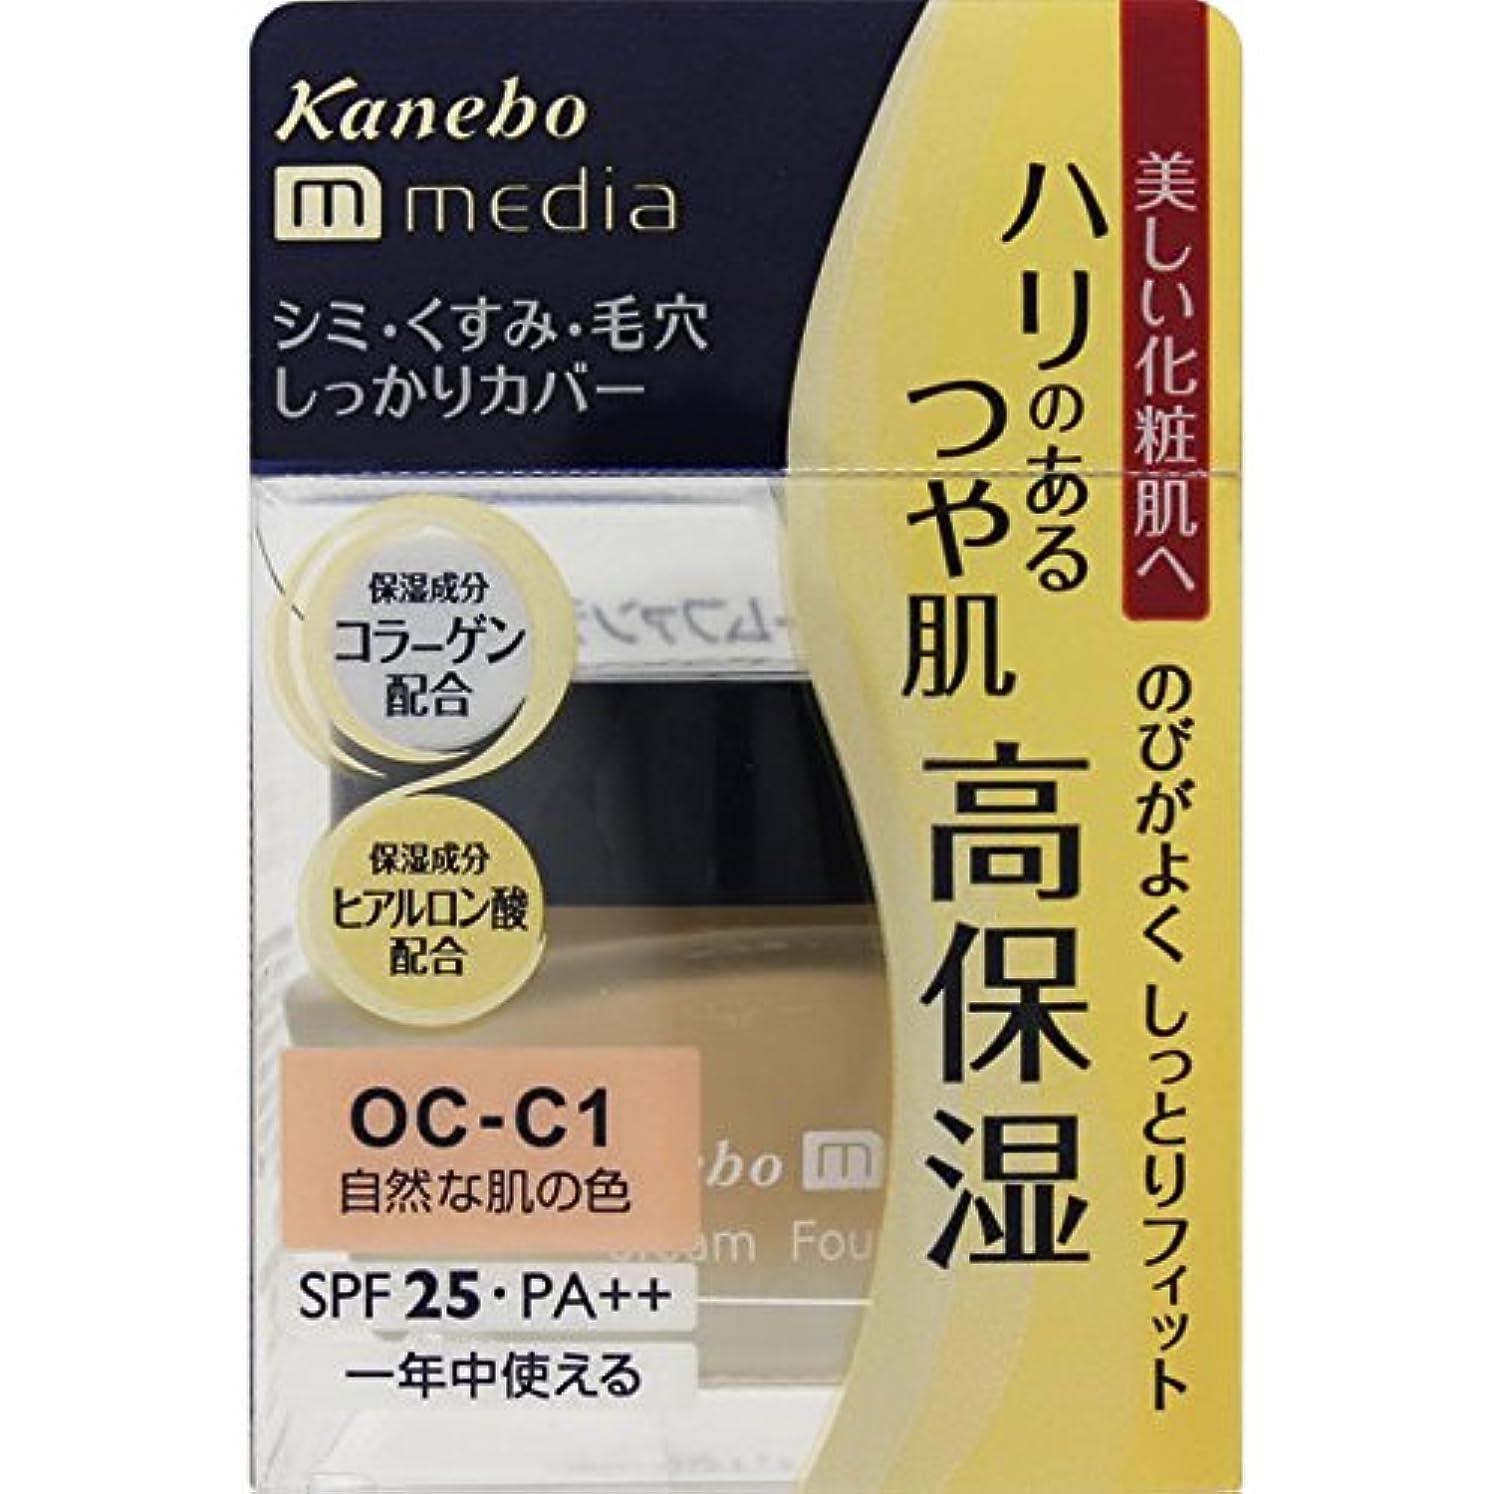 シーフード教育学凍ったカネボウ media(メディア) クリームファンデーション OC-C1(自然な肌の色)